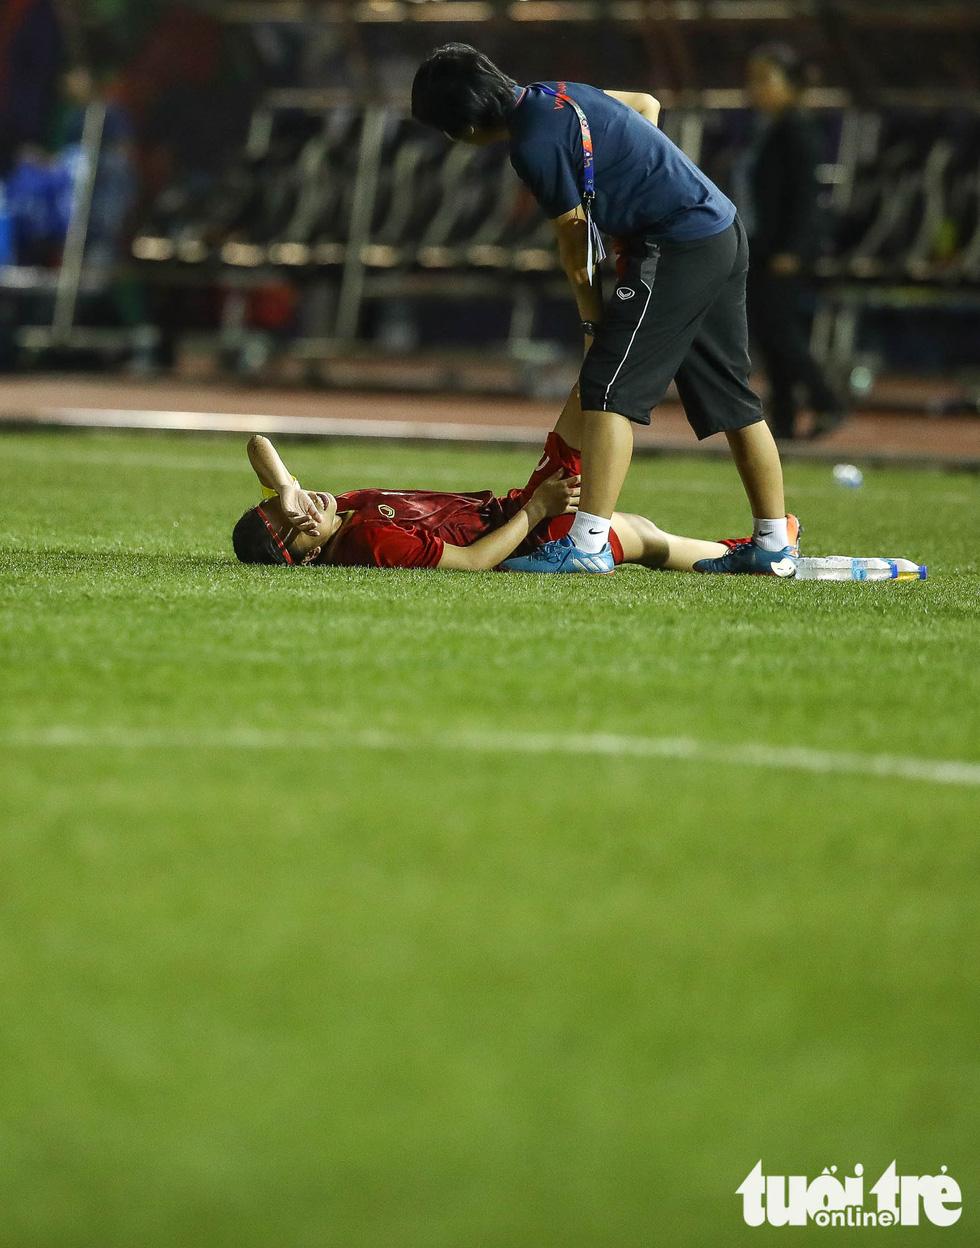 Hồi sức cho các tuyển thủ nữ Việt Nam sau trận thắng Philippines - Ảnh 6.